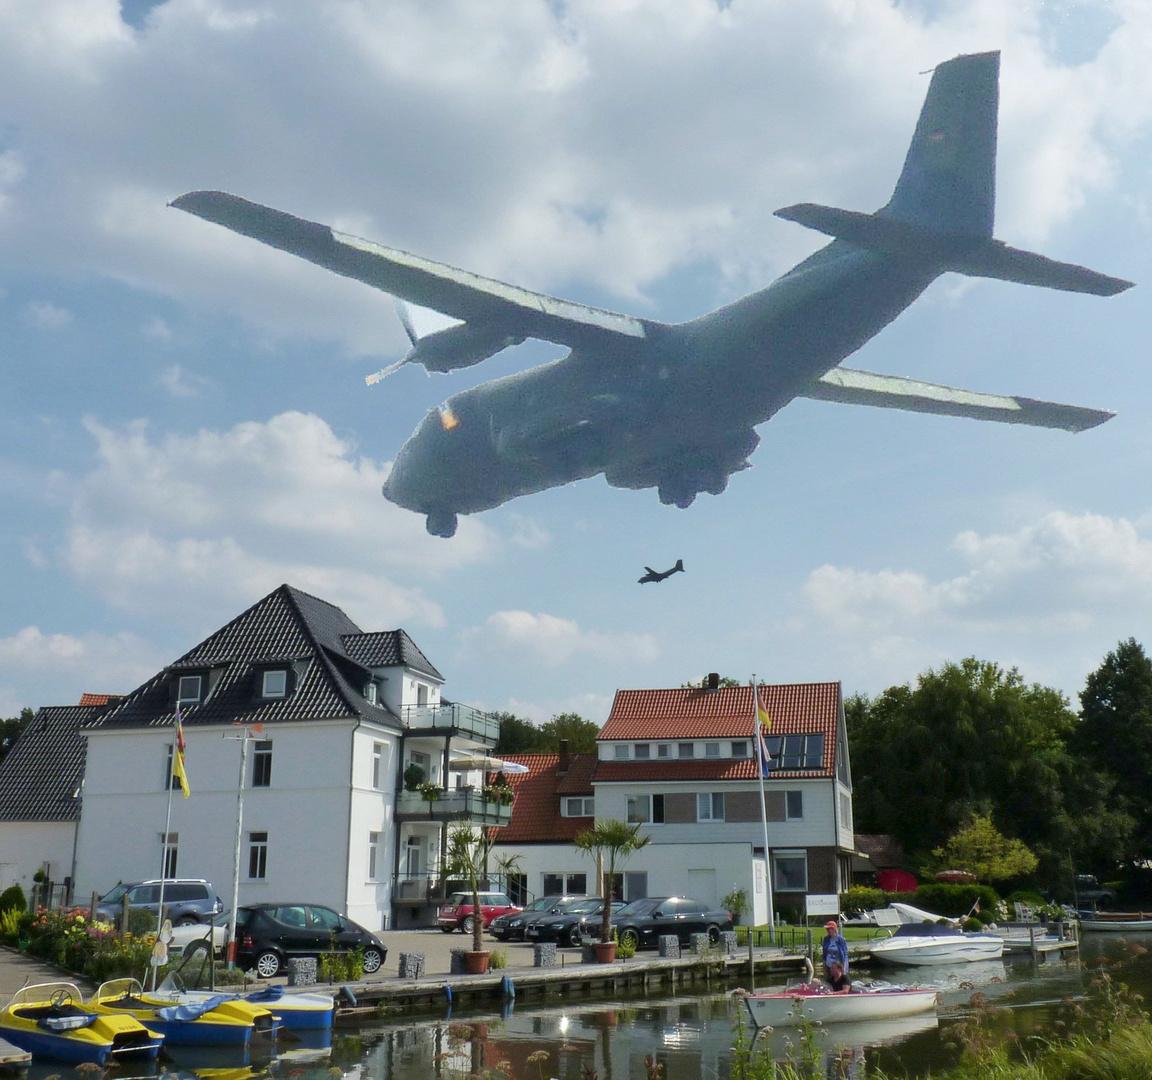 Unterwegs in Steinhude am Meer an der Promenade ( Foto Montage zeigt eine Bundeswehr Transall )